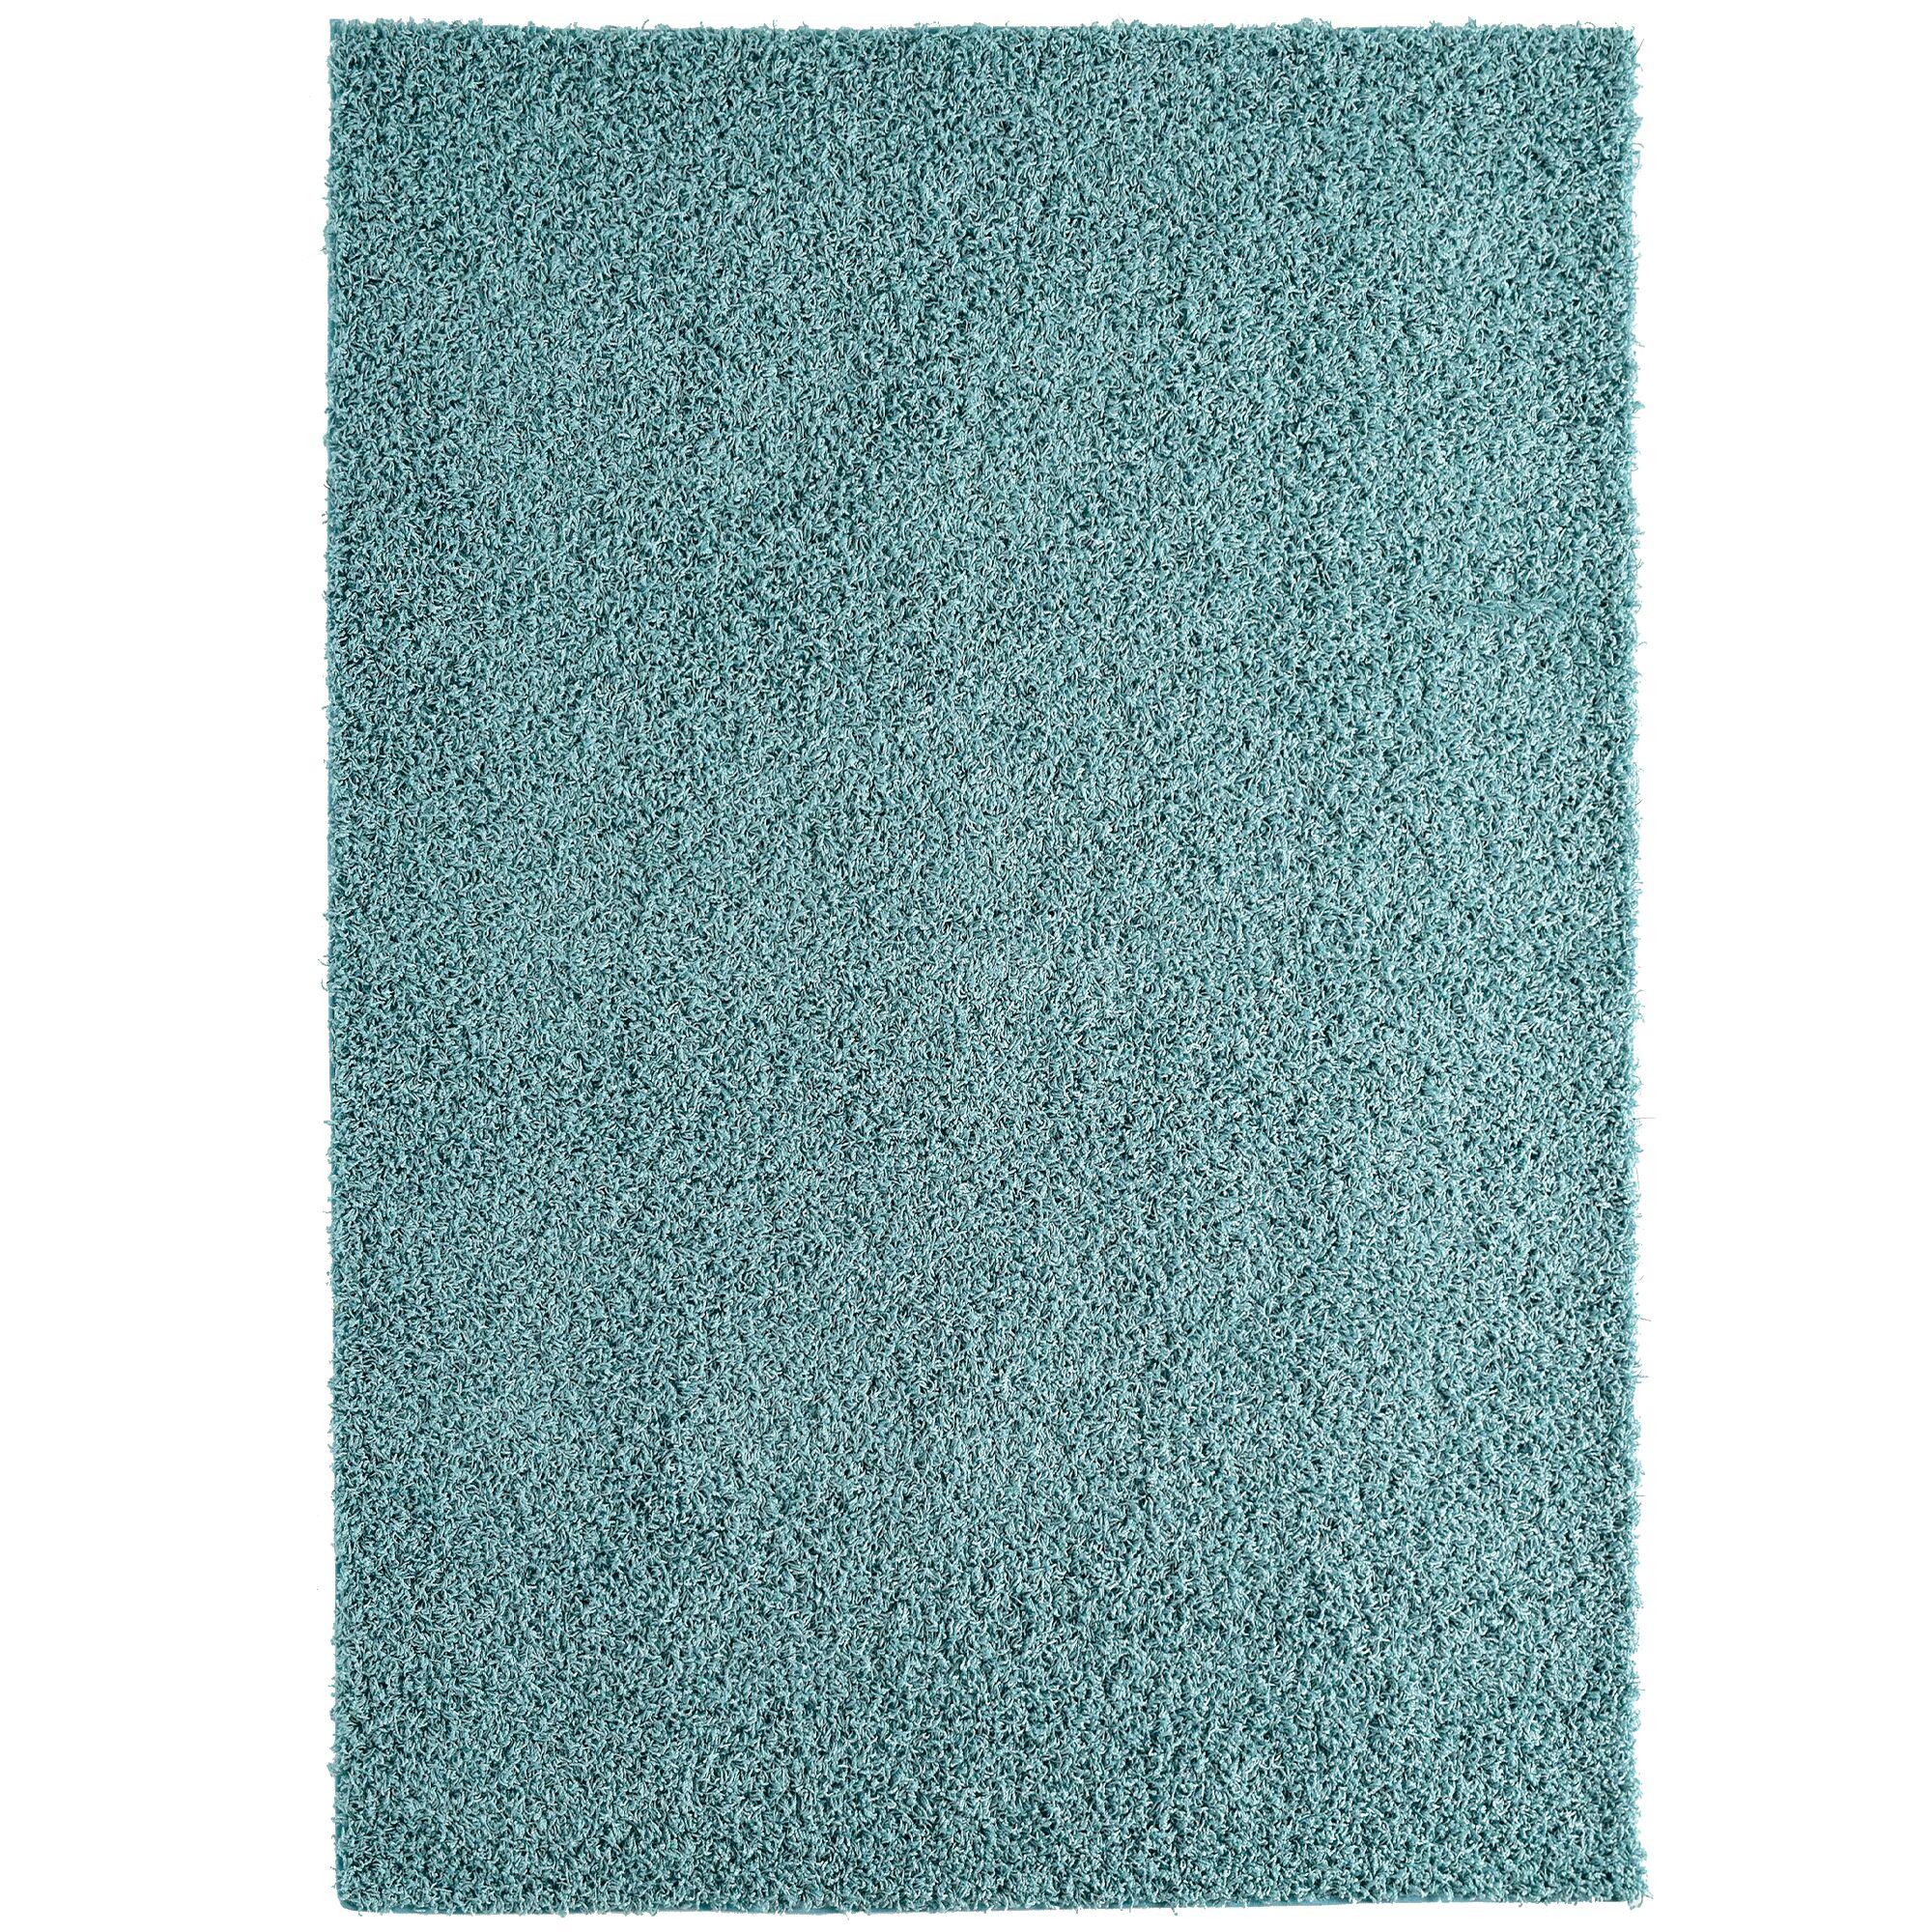 Shag-Ola Aqua Blue Area Rug Rug Size: 9' x 12'